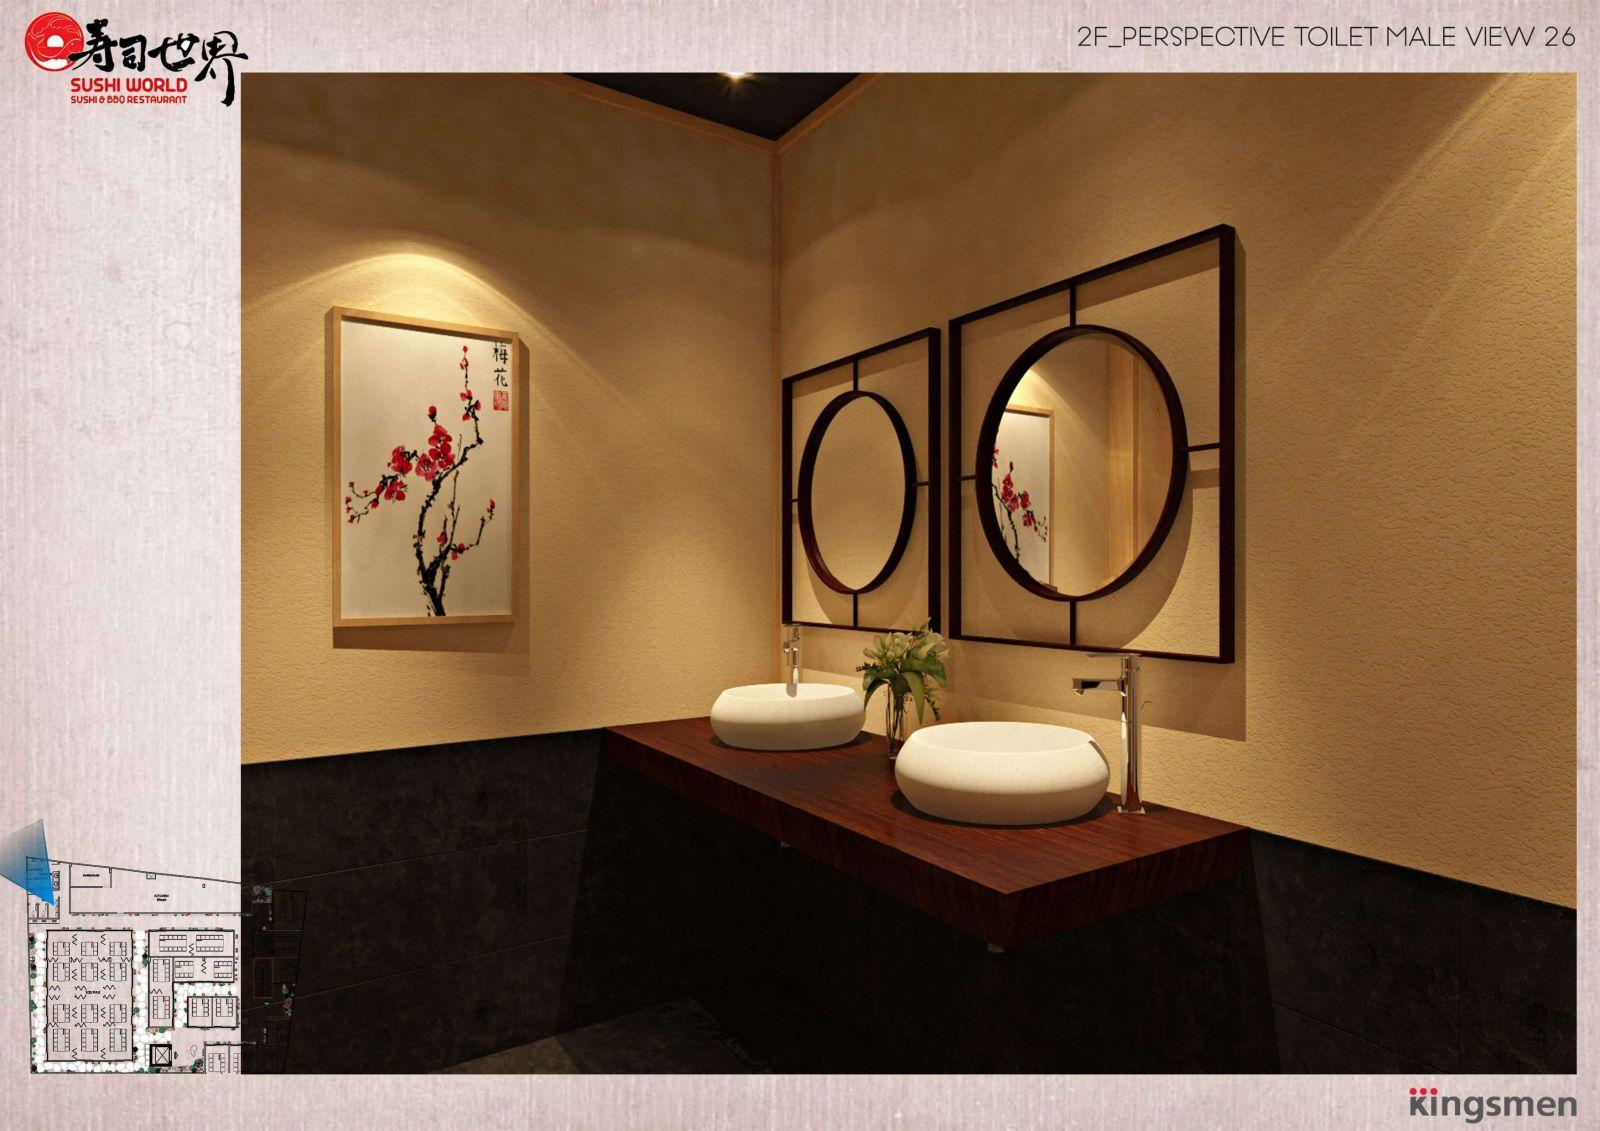 thiết kế khu vực vệ sinh của nhà hàng sushi world